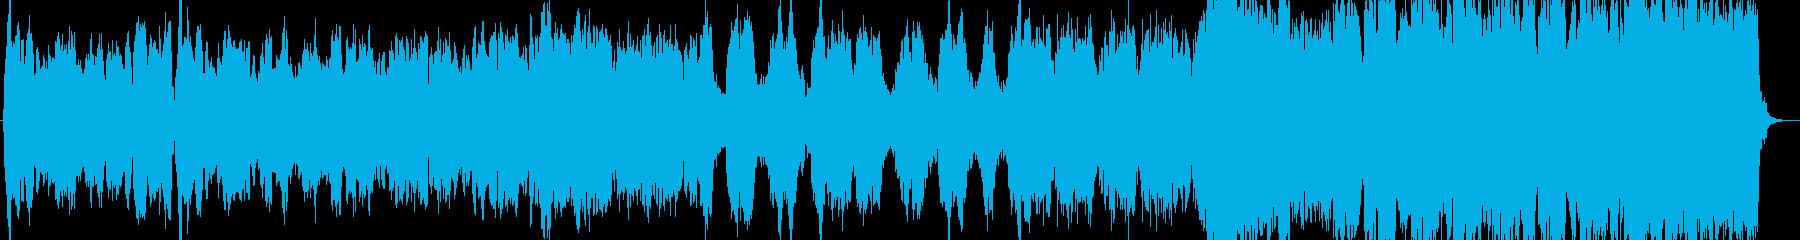 組曲『惑星』より、木星のメイン部分の抜粋の再生済みの波形